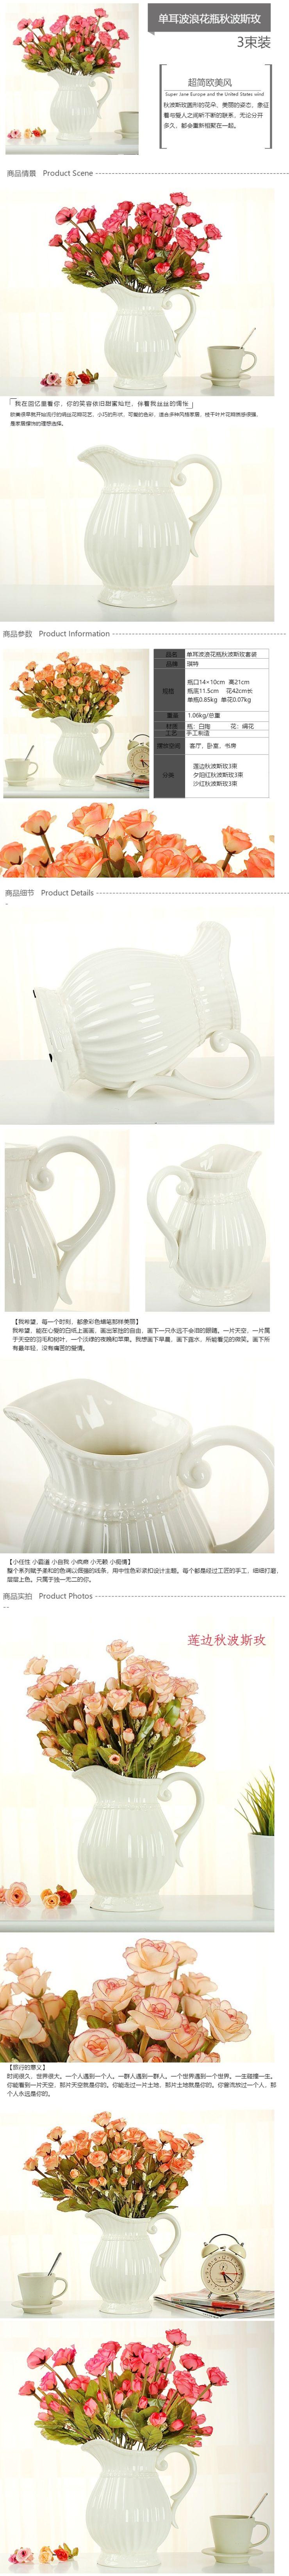 简约欧式花瓶花卉电商详情页